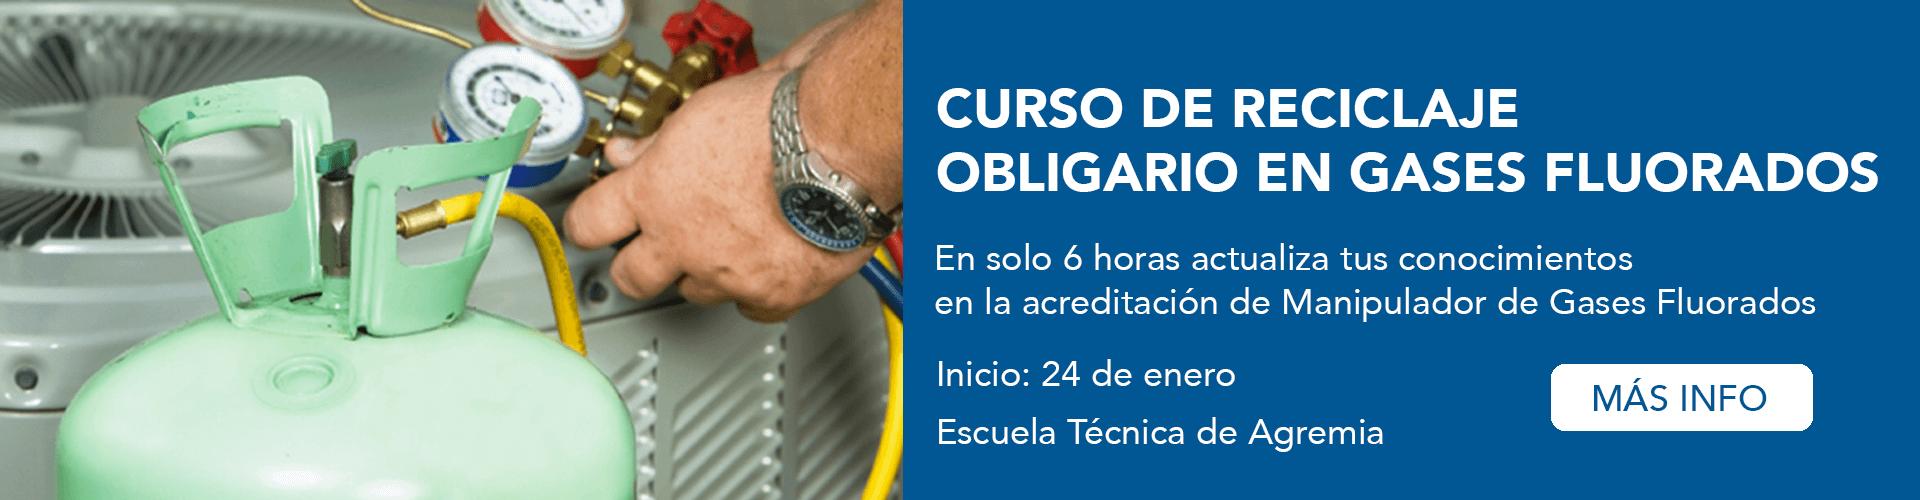 banner curso gases fluorados obligatorio 2